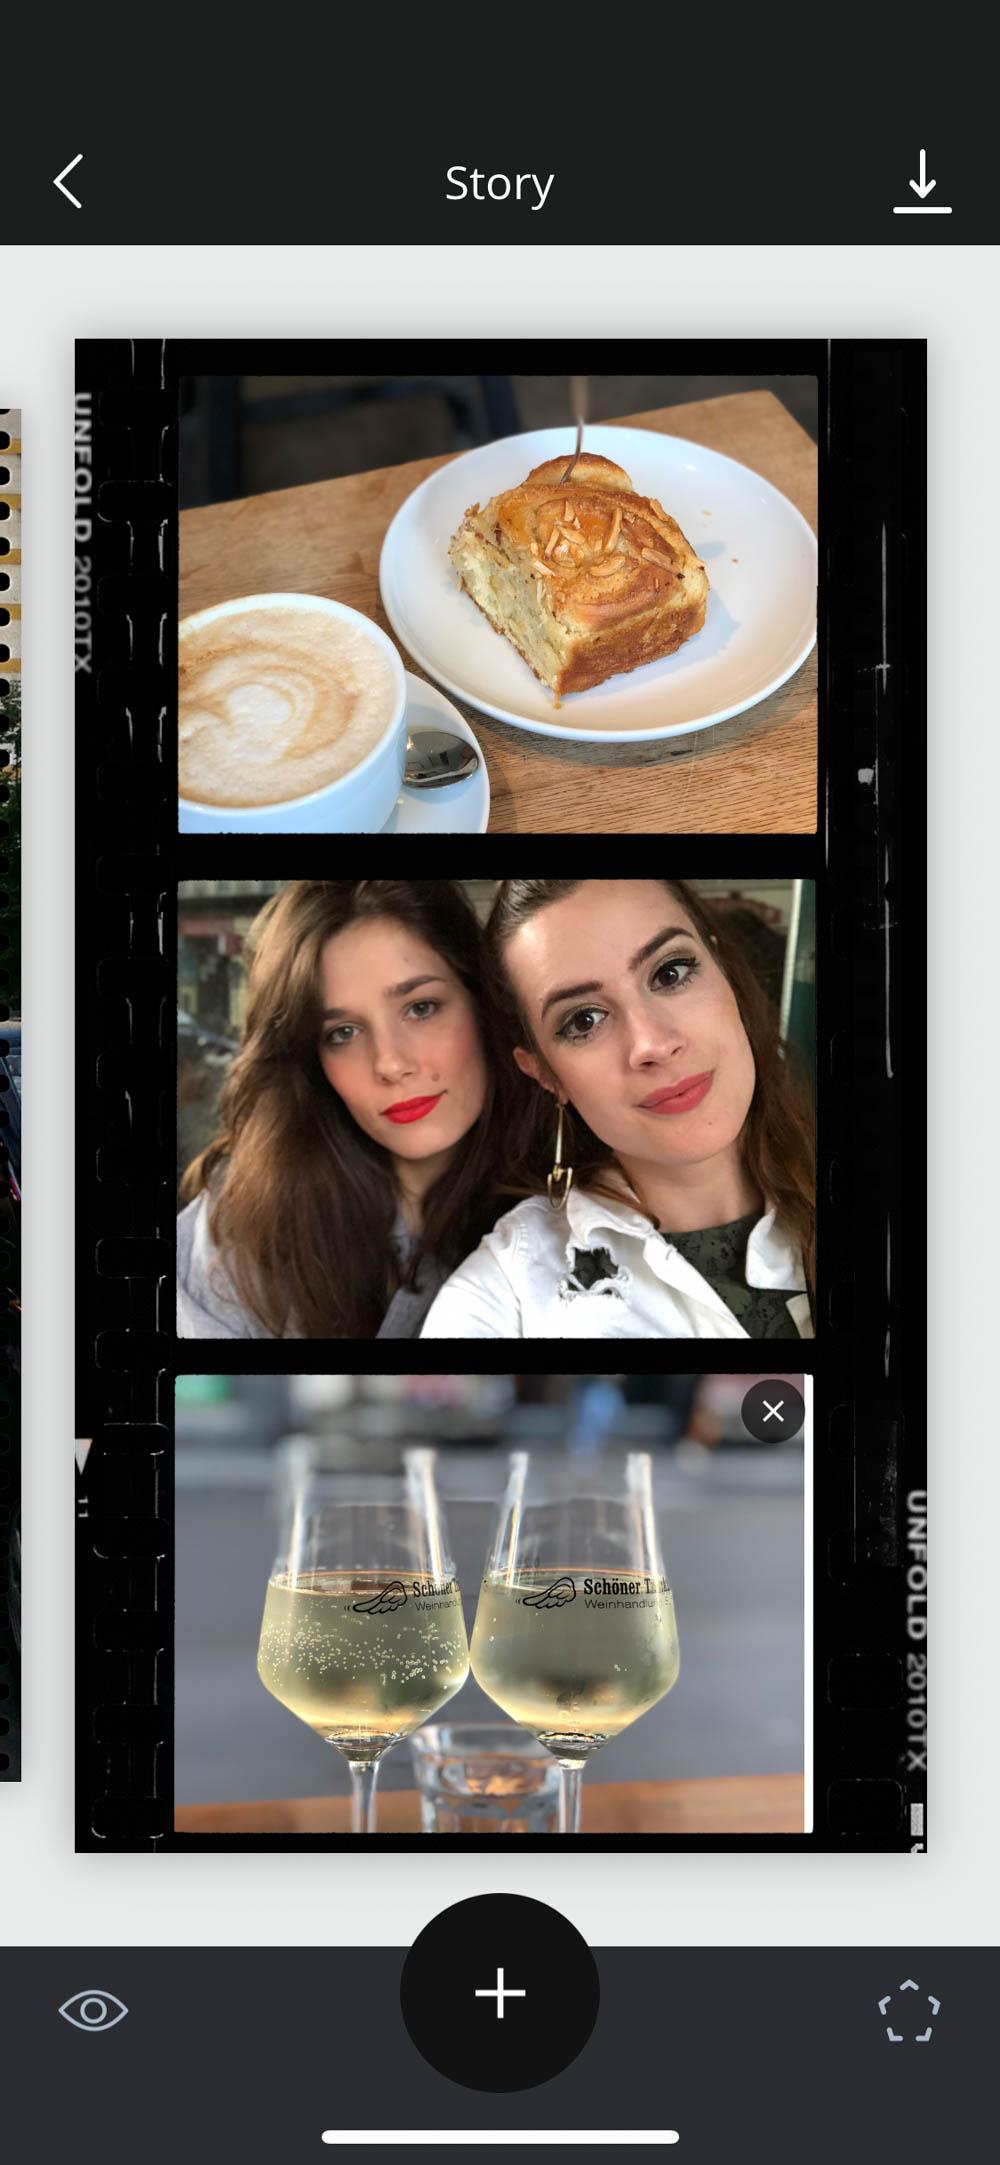 Apps für Instagram Stories: So erstellst du Collagen